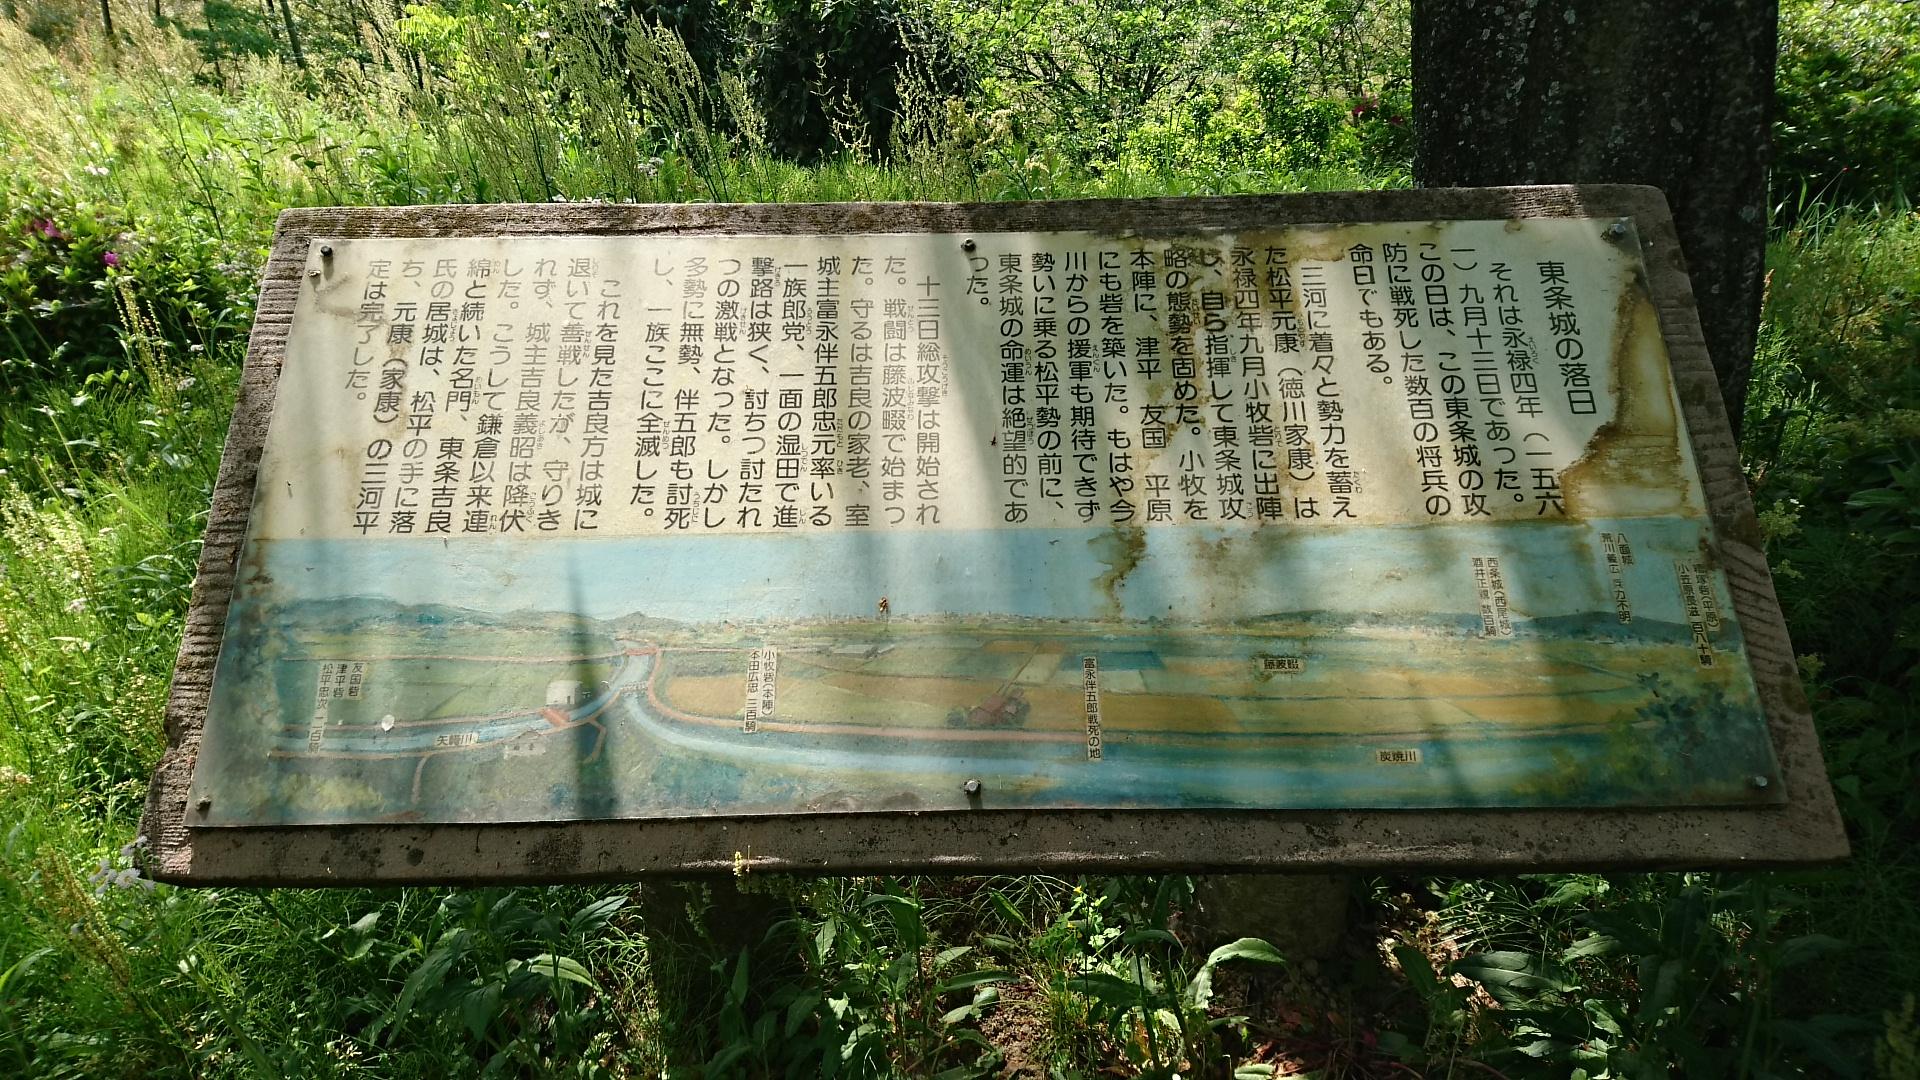 2017.5.2 東条城 (6) 「東条城の落日」 1920-1080